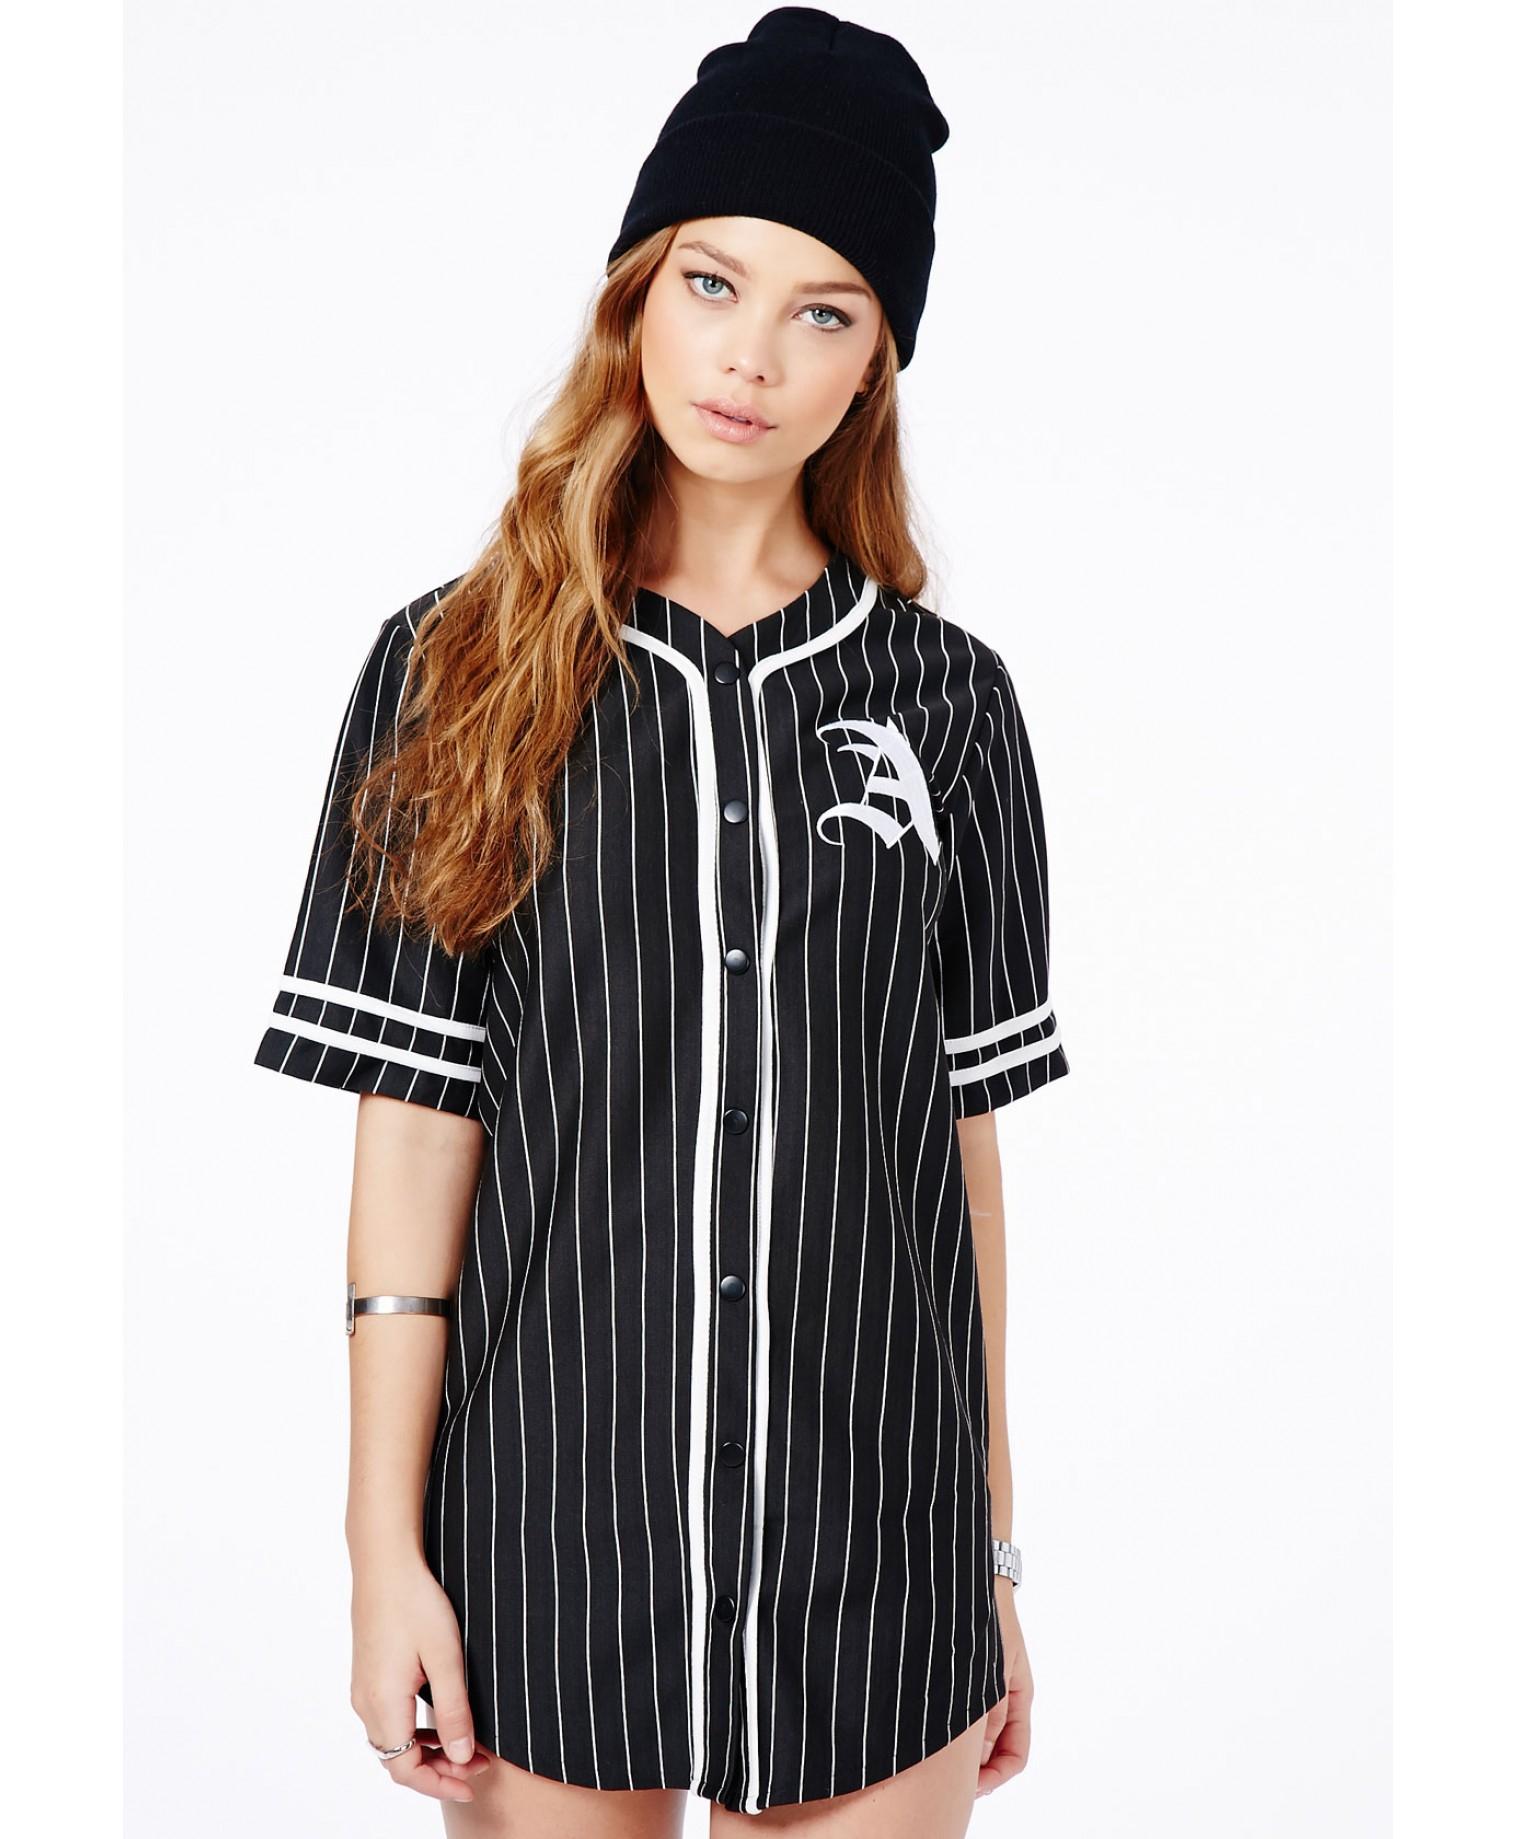 Missguided paris oversized a baseball shirt dress in black for Baseball jersey shirt dress